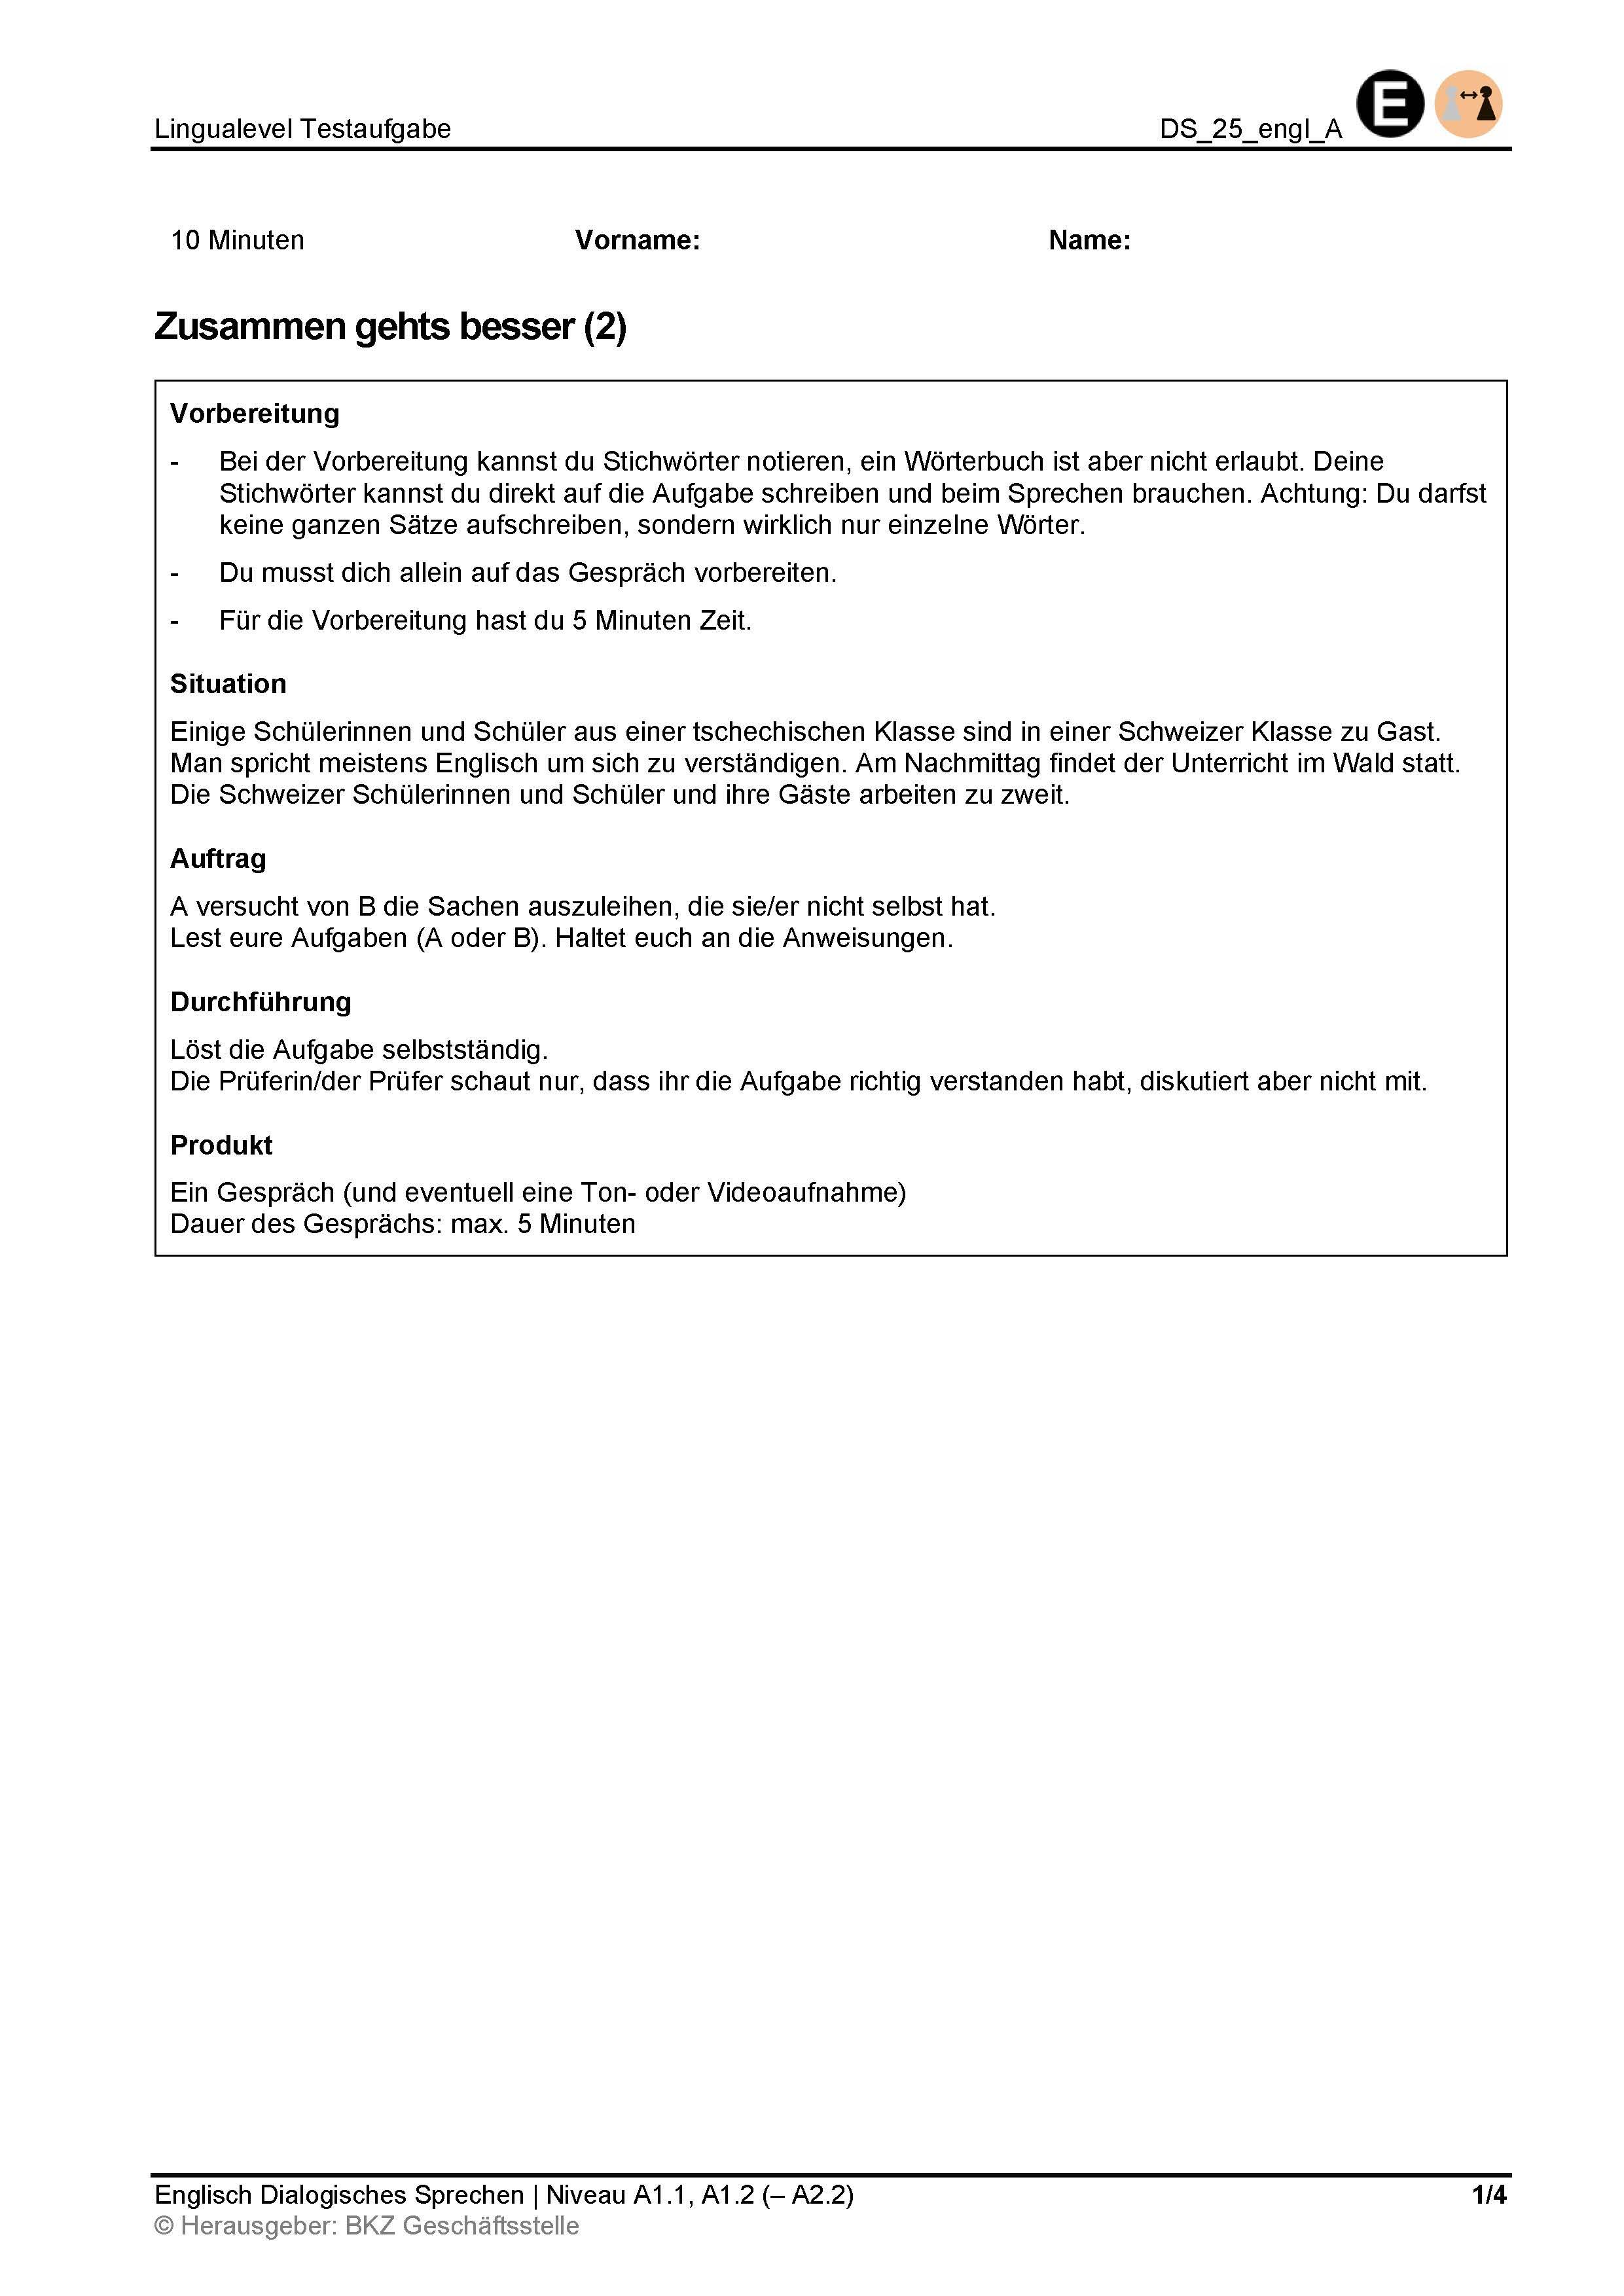 Preview image for LOM object Dialogisches Sprechen: Zusammen gehts besser (2)